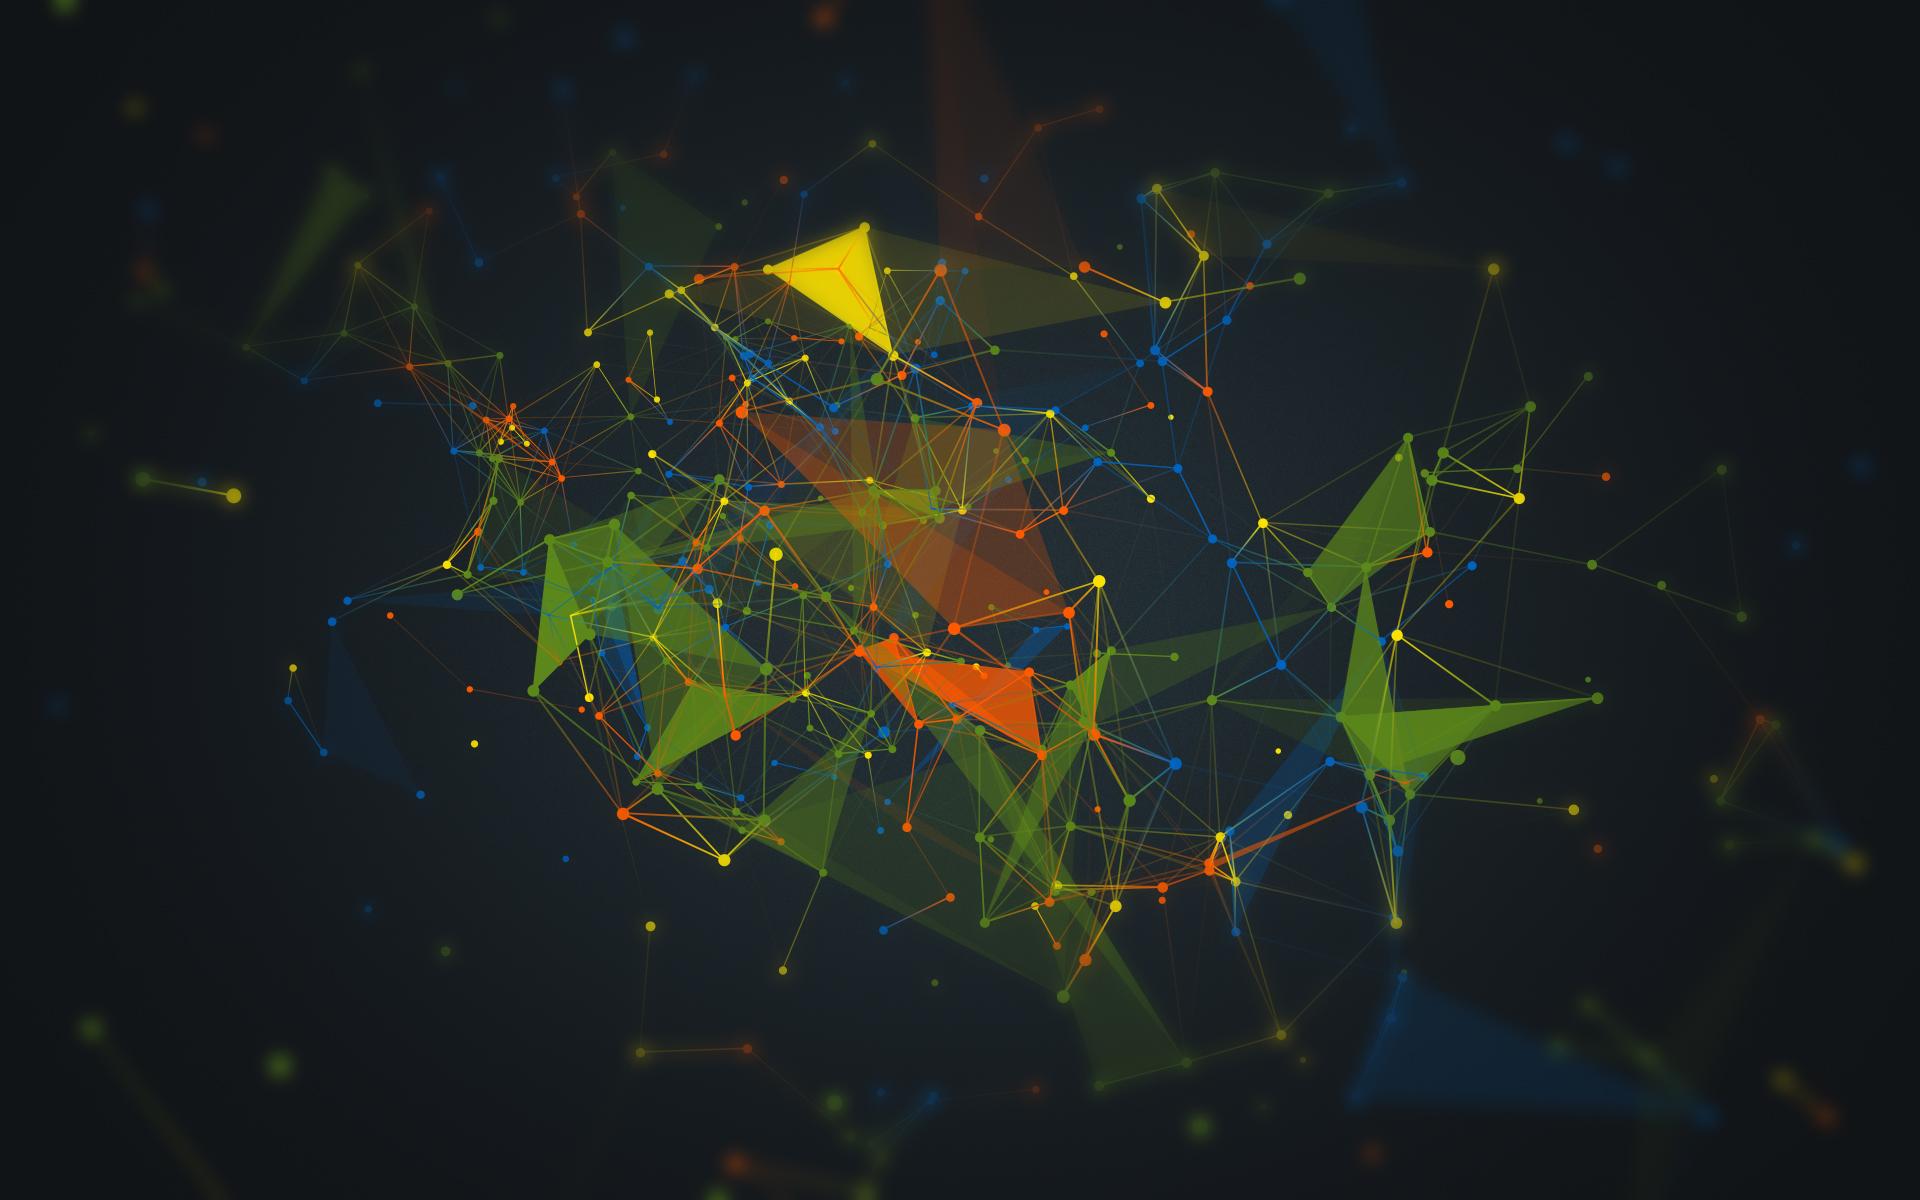 El Programa de cooperación europeo Be SpectACTive! abre una convocatoria para artistas digitales